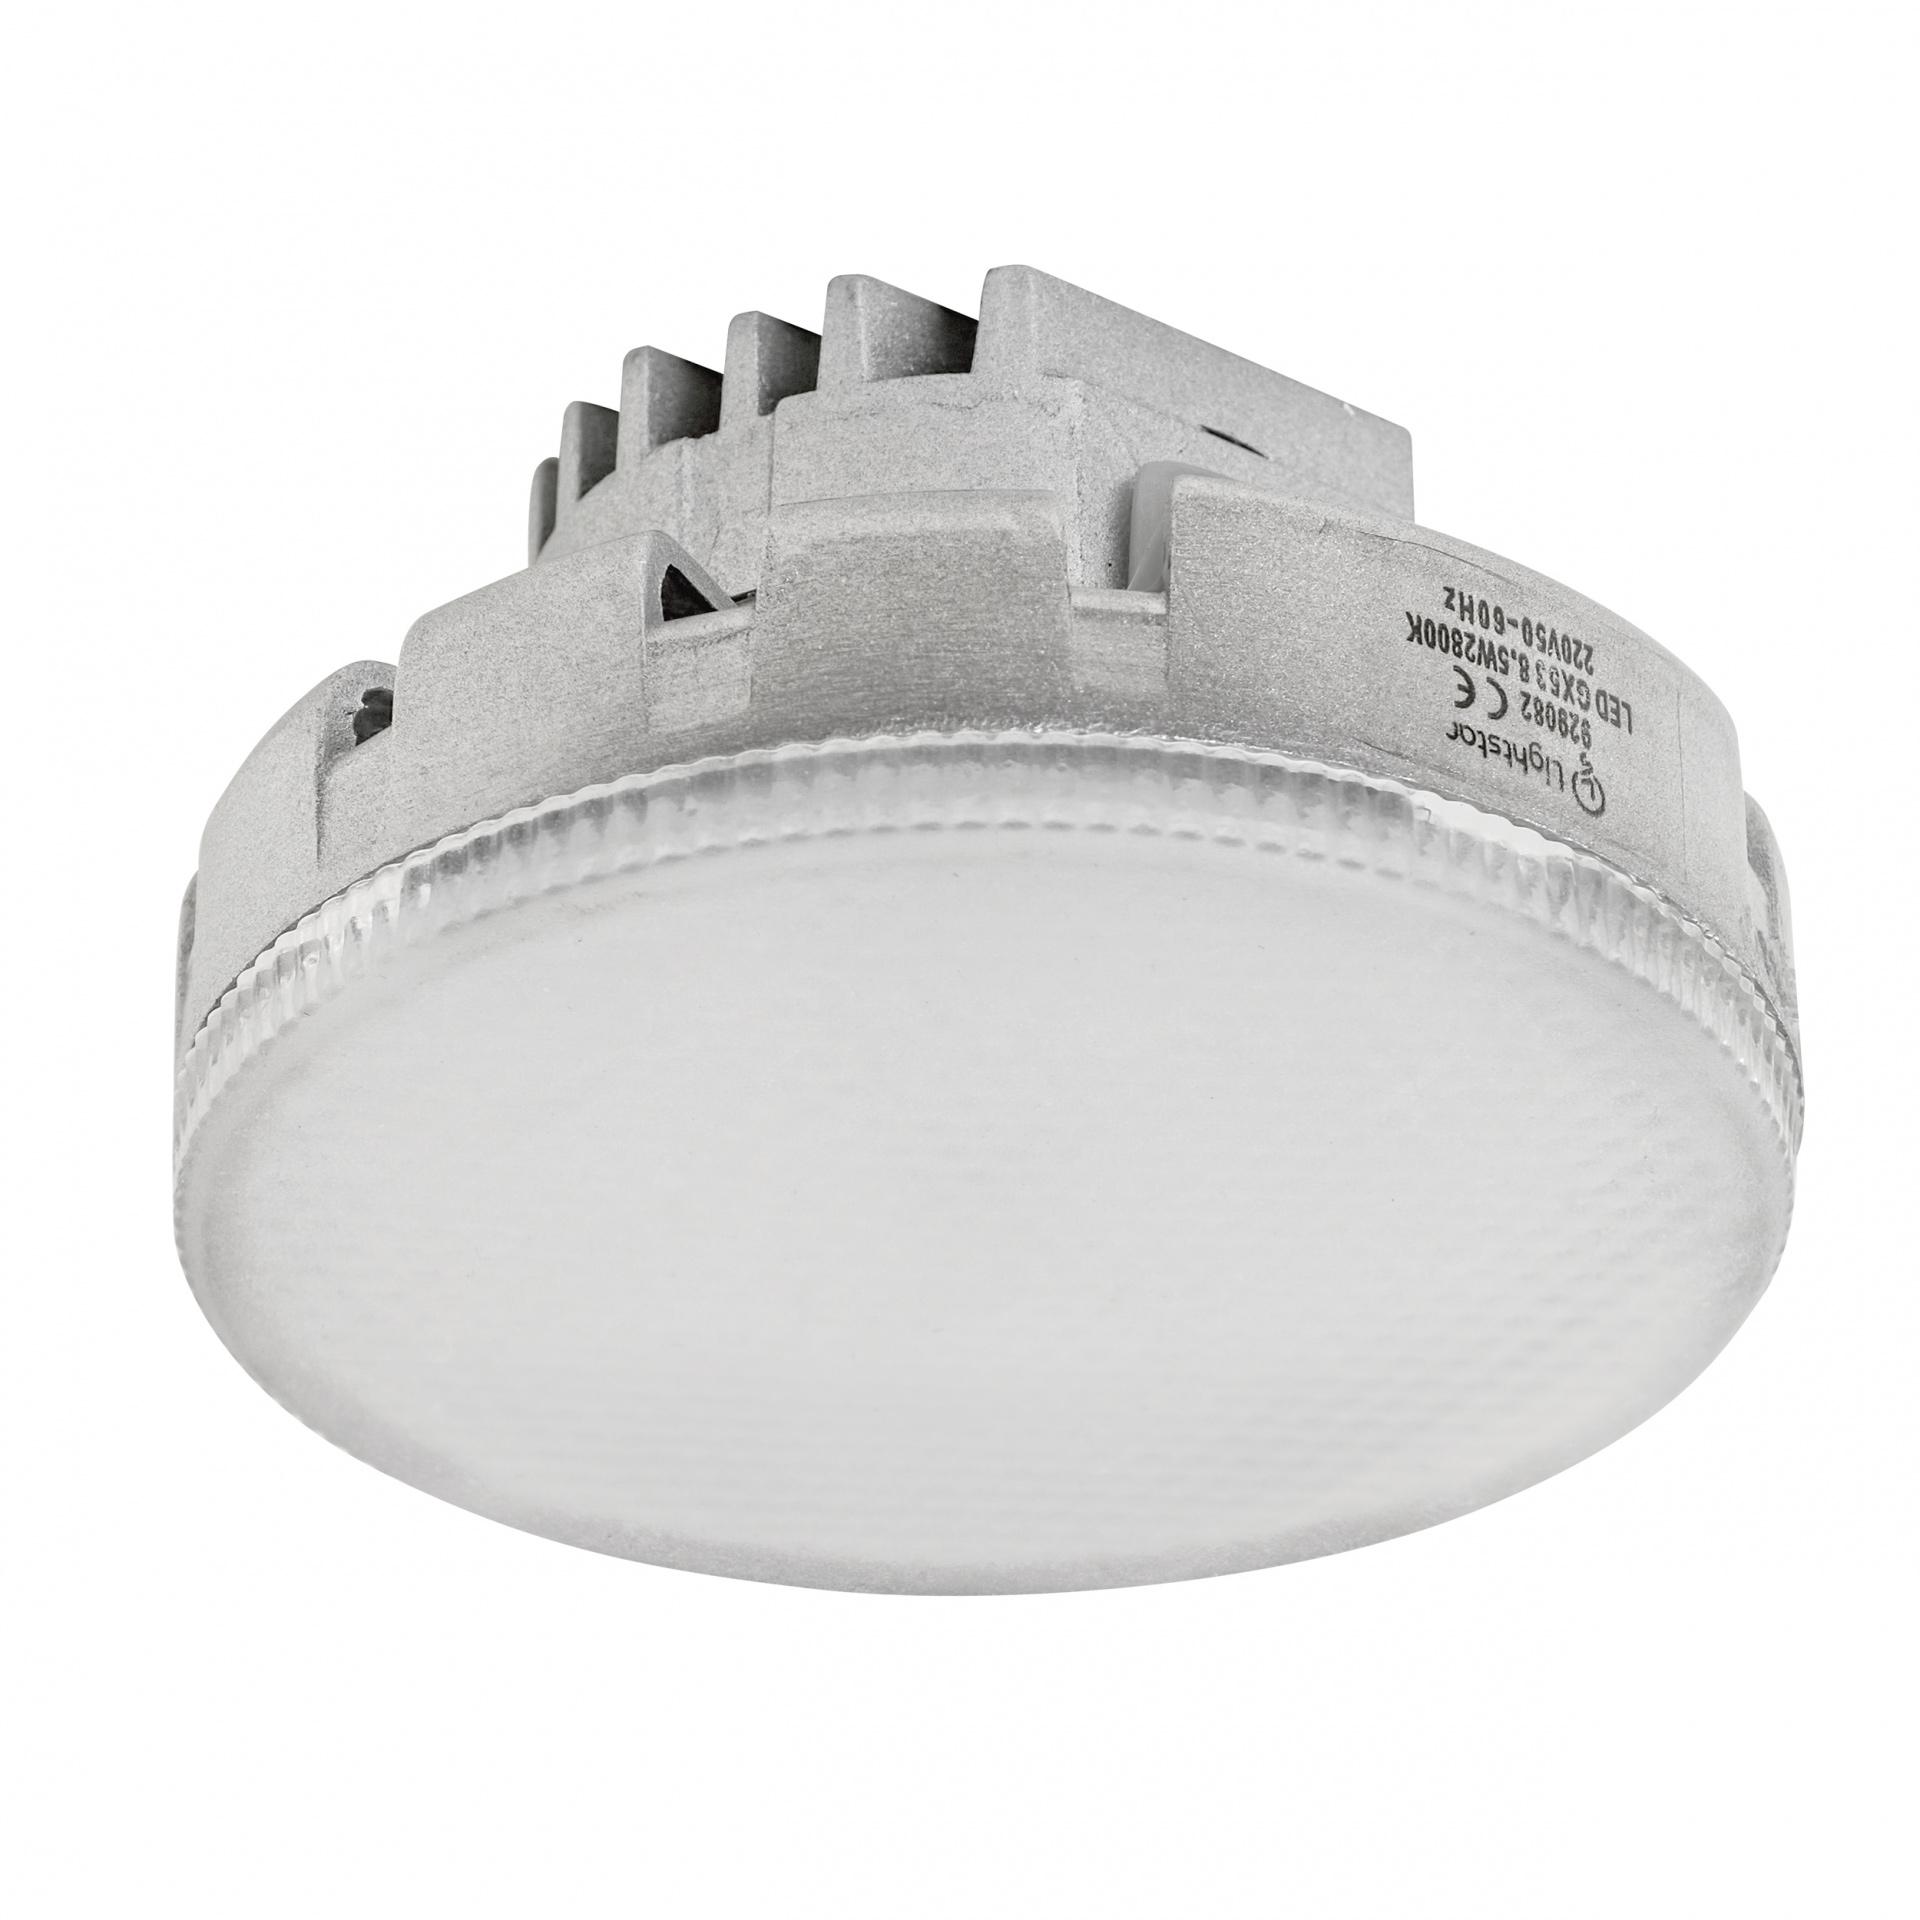 Лампа LED 220V TABL GX53 12W=120W 960LM 180G FR 3000K 20000H Lightstar 929122, купить в СПб, Москве, с доставкой, Санкт-Петербург, интернет-магазин люстр и светильников Starlight, фото в жизни